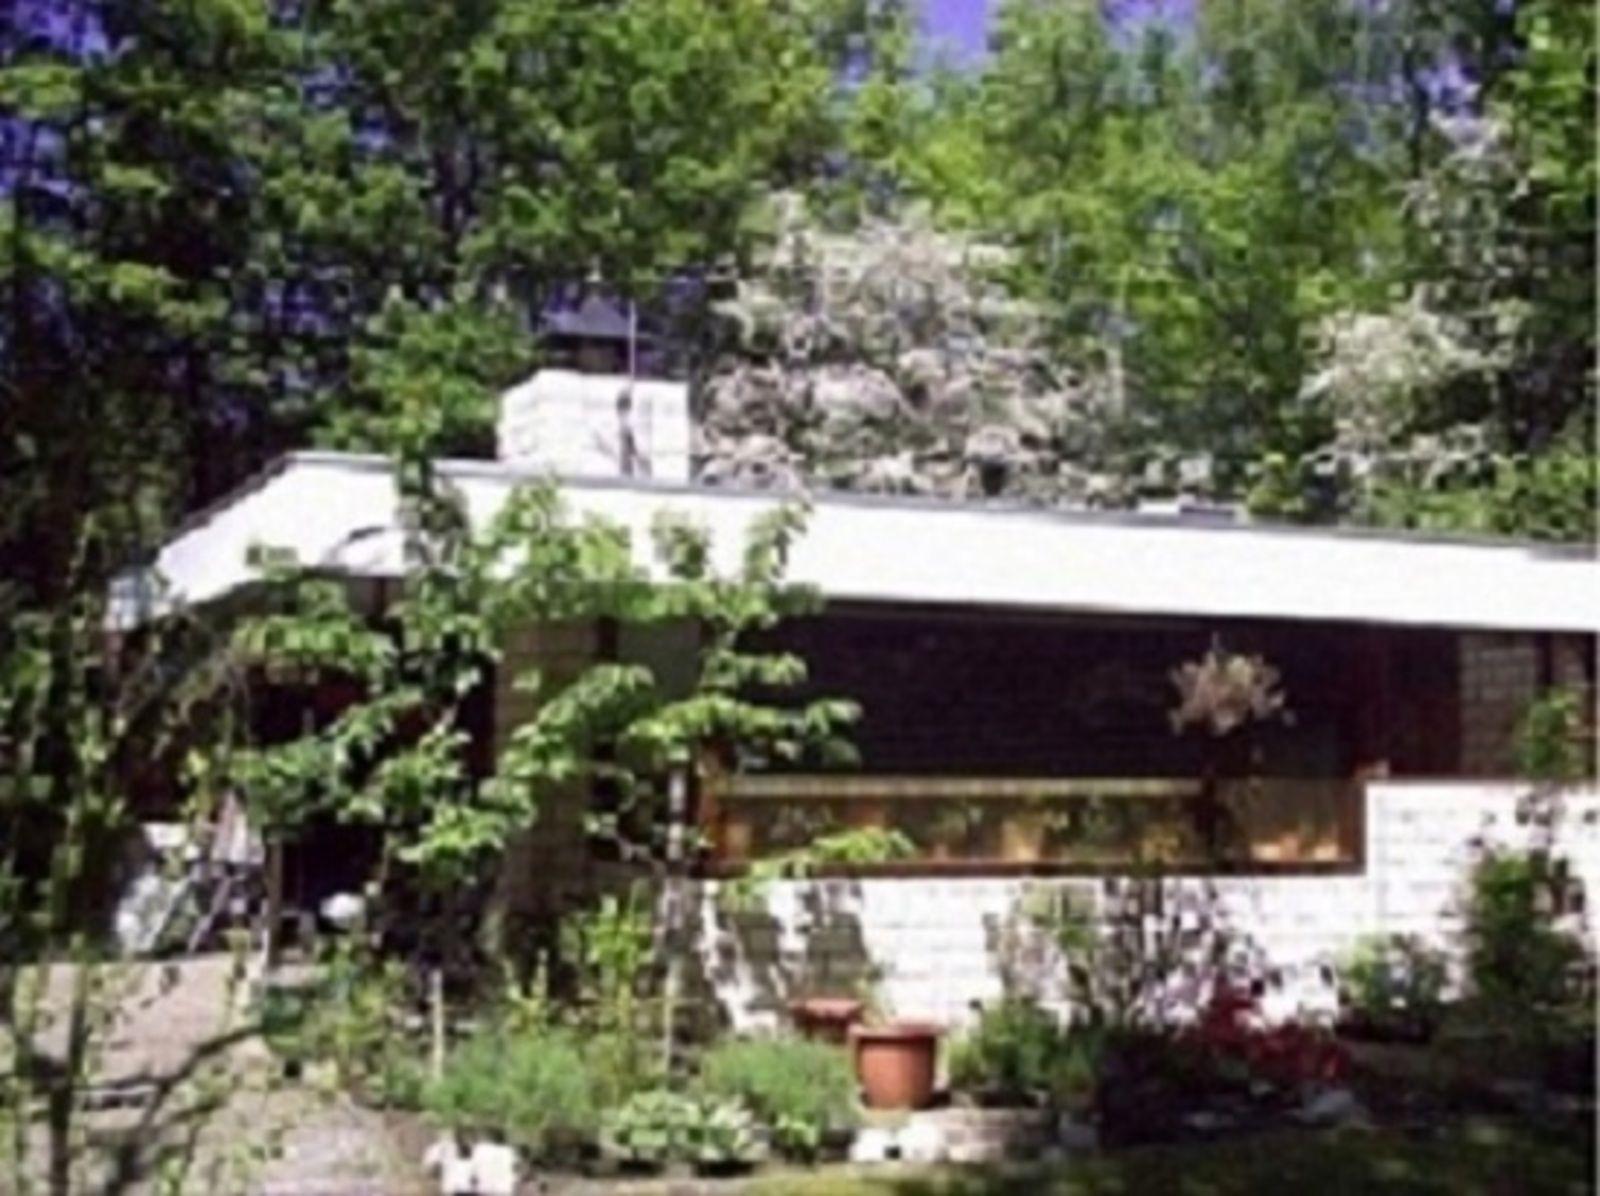 Slenerweg 8332, Schoonoord